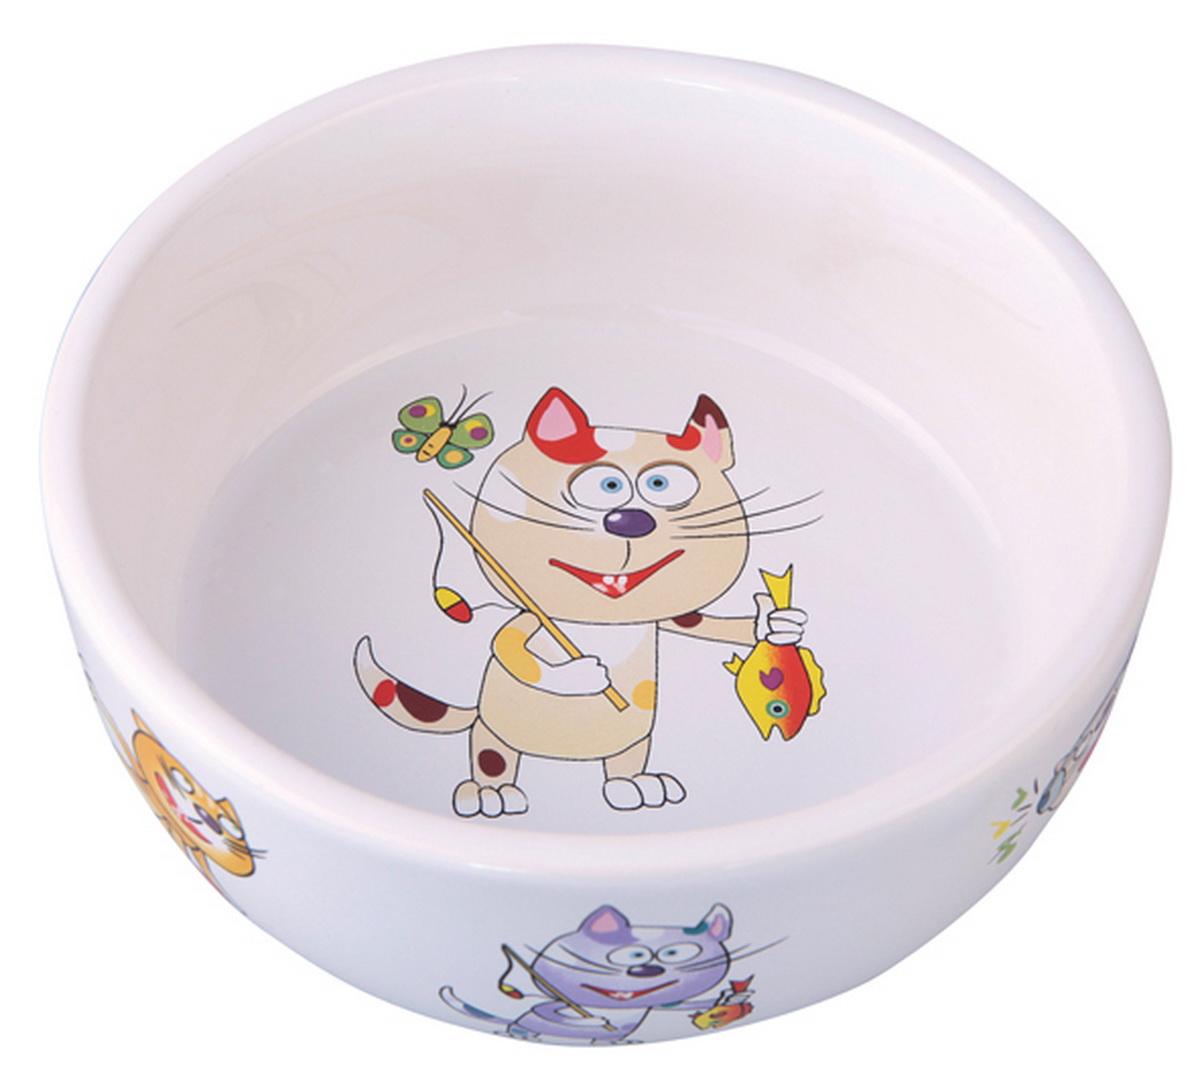 Миска для кошек Dezzie Улов, 300 мл0120710Керамическая миска привлекает внимание покупателей блестящей гладкой поверхностью и интересным рисунком.